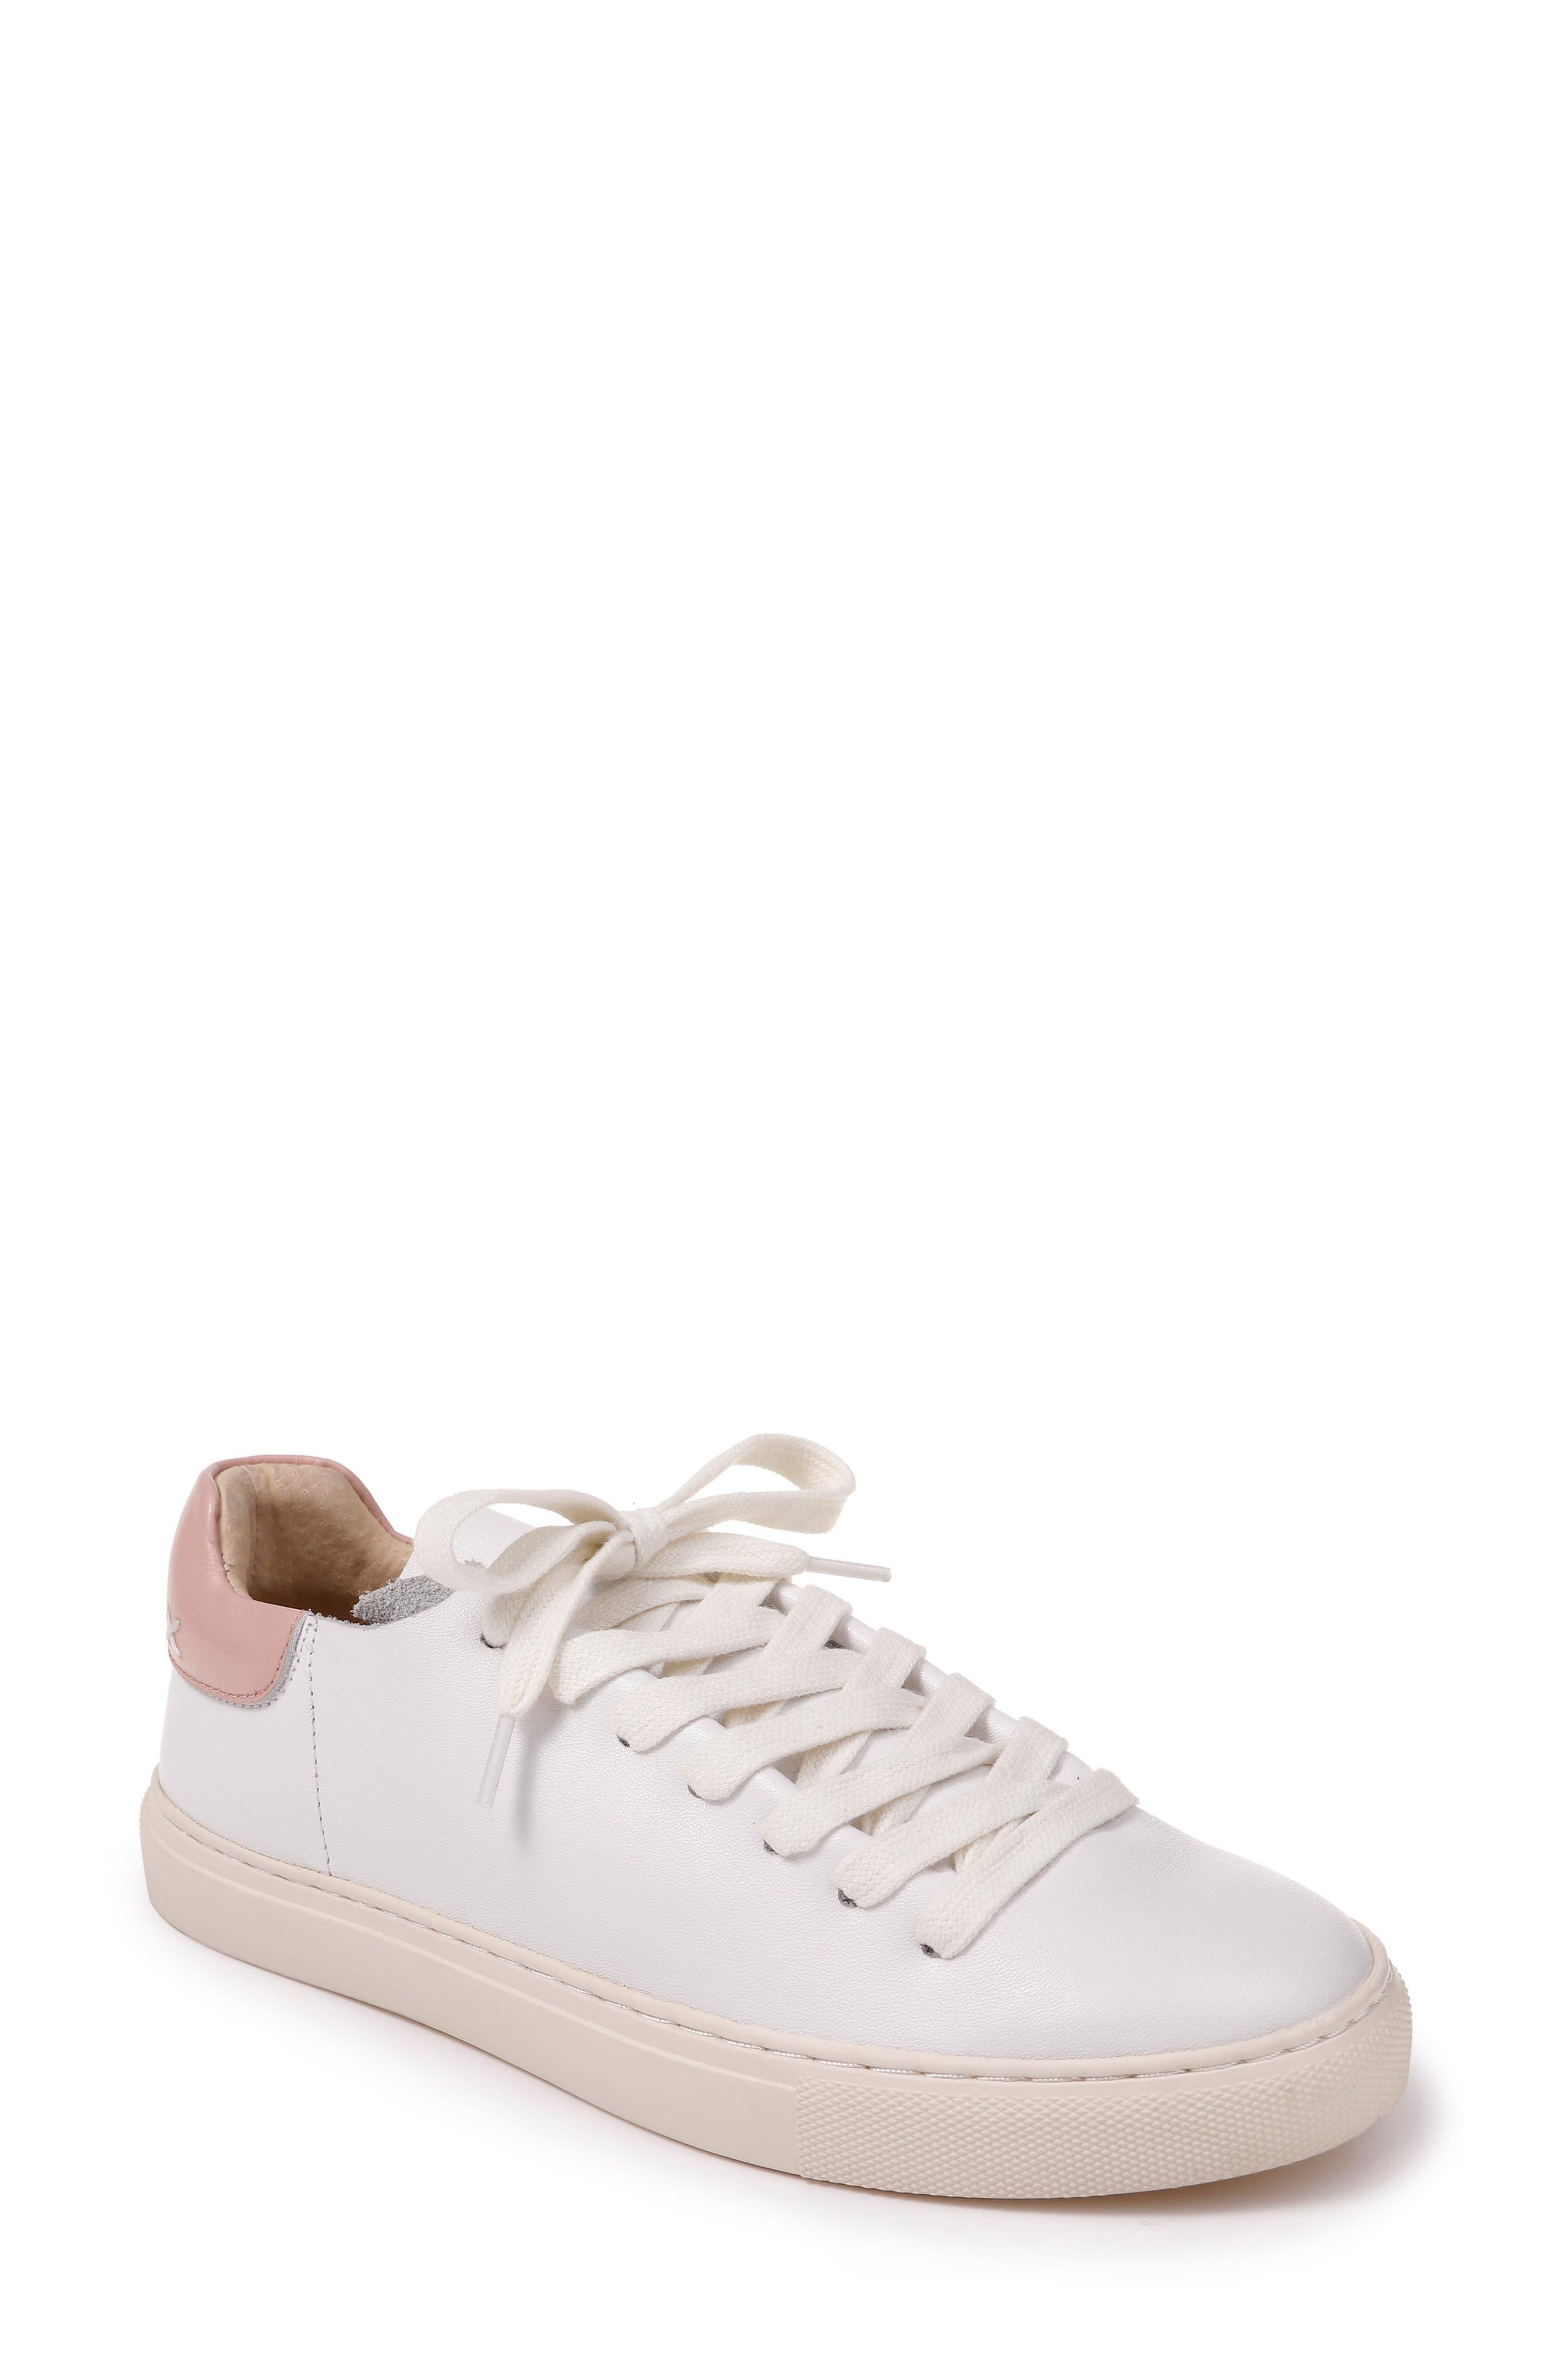 Splendid Hickort Sneaker, White